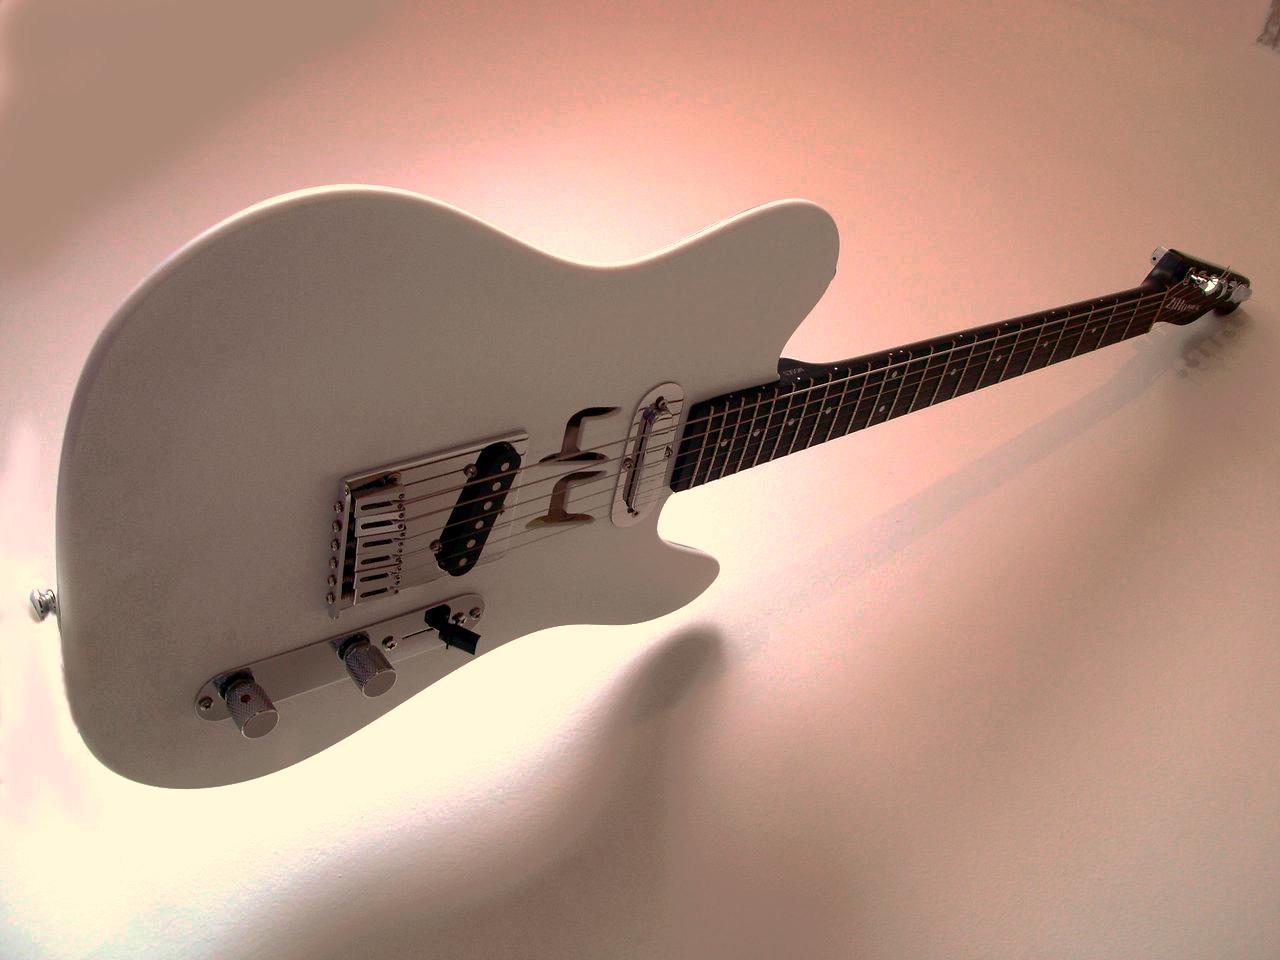 guitare electrique carbone